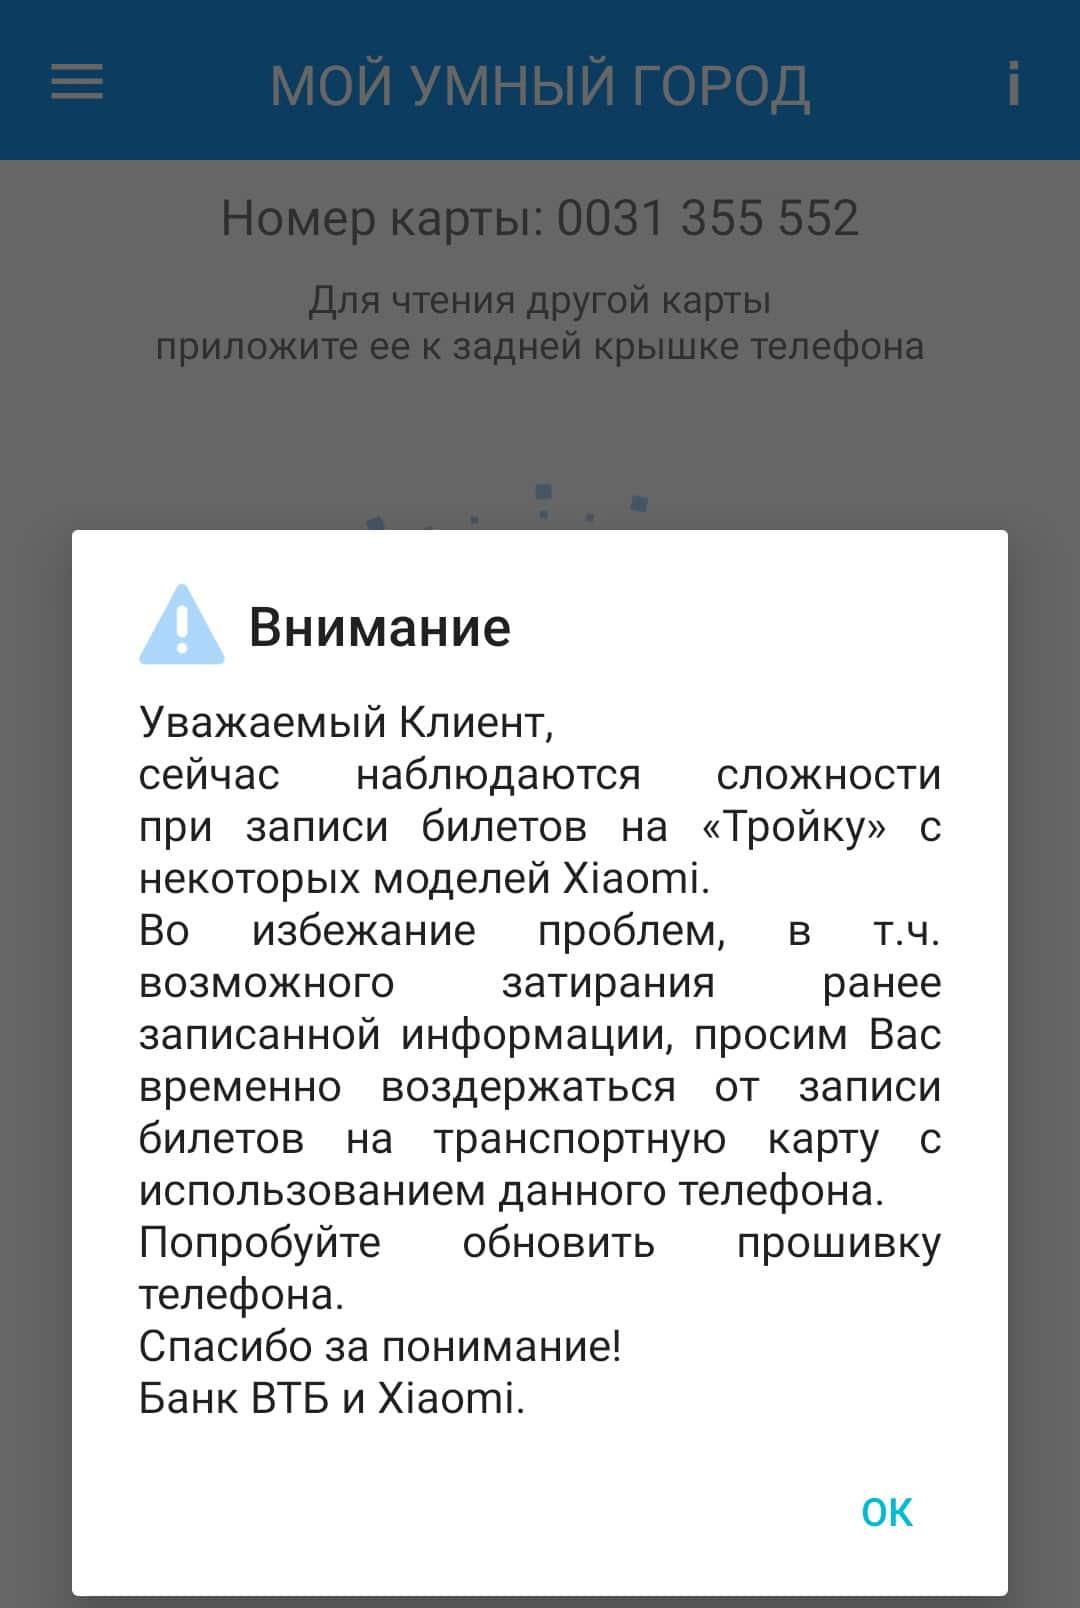 Не работает пополнение Тройки в приложении Мой проездной ВТБ (Мой умный город) на Xiaomi